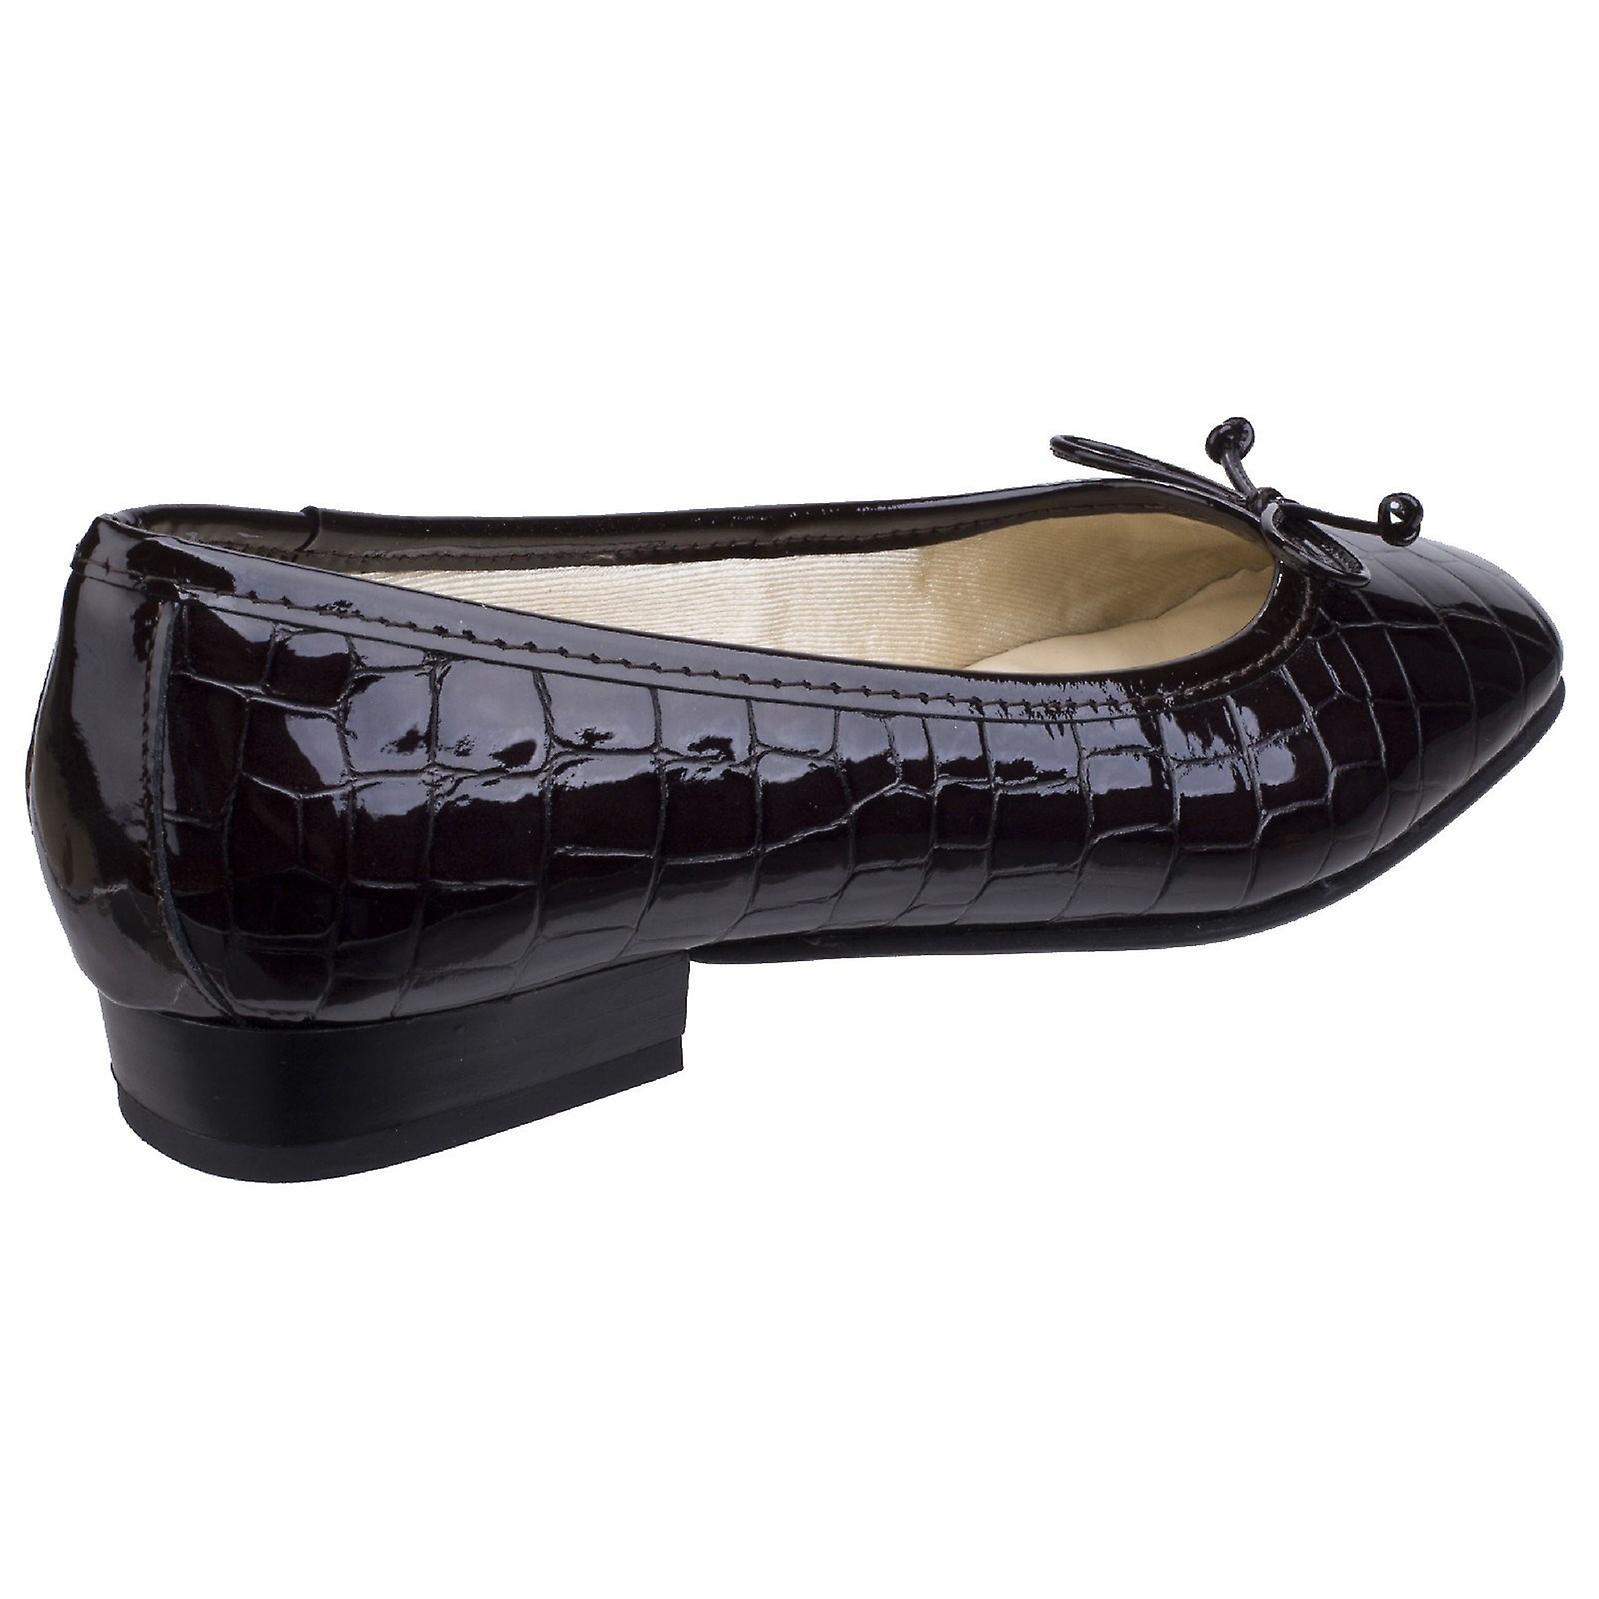 Riva di donne donne donne   signore valeria balletto corte scarpe | Premio pazzesco, Birmingham  58cc46